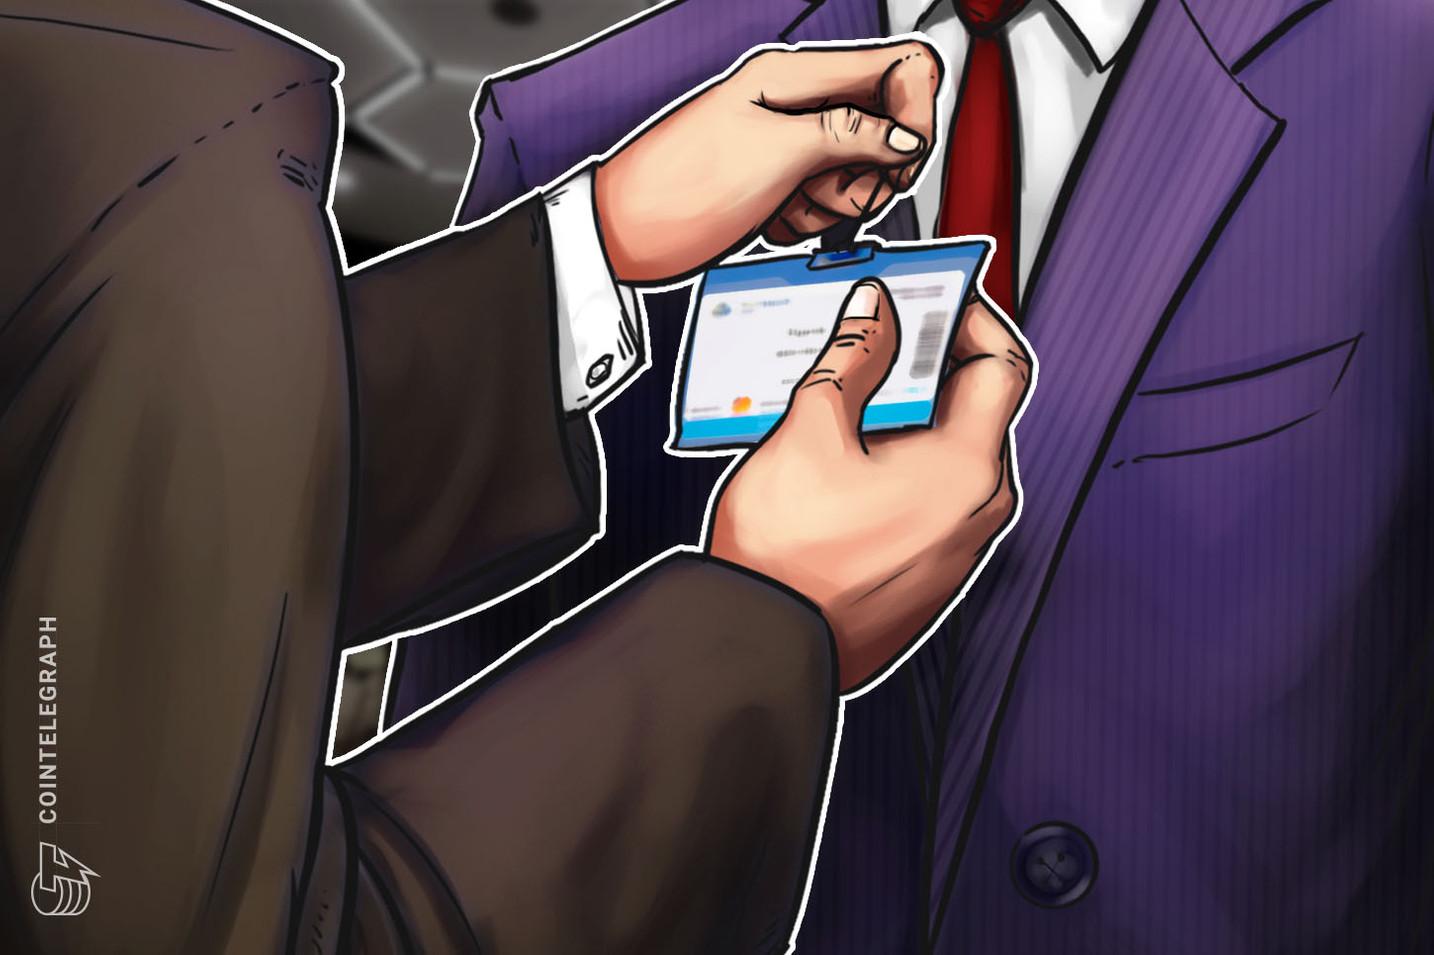 Voormalige BitGo-medewerker zal helpen bij het inzetten van Andreessen Horowitz's $ 2.2 miljard cryptofonds